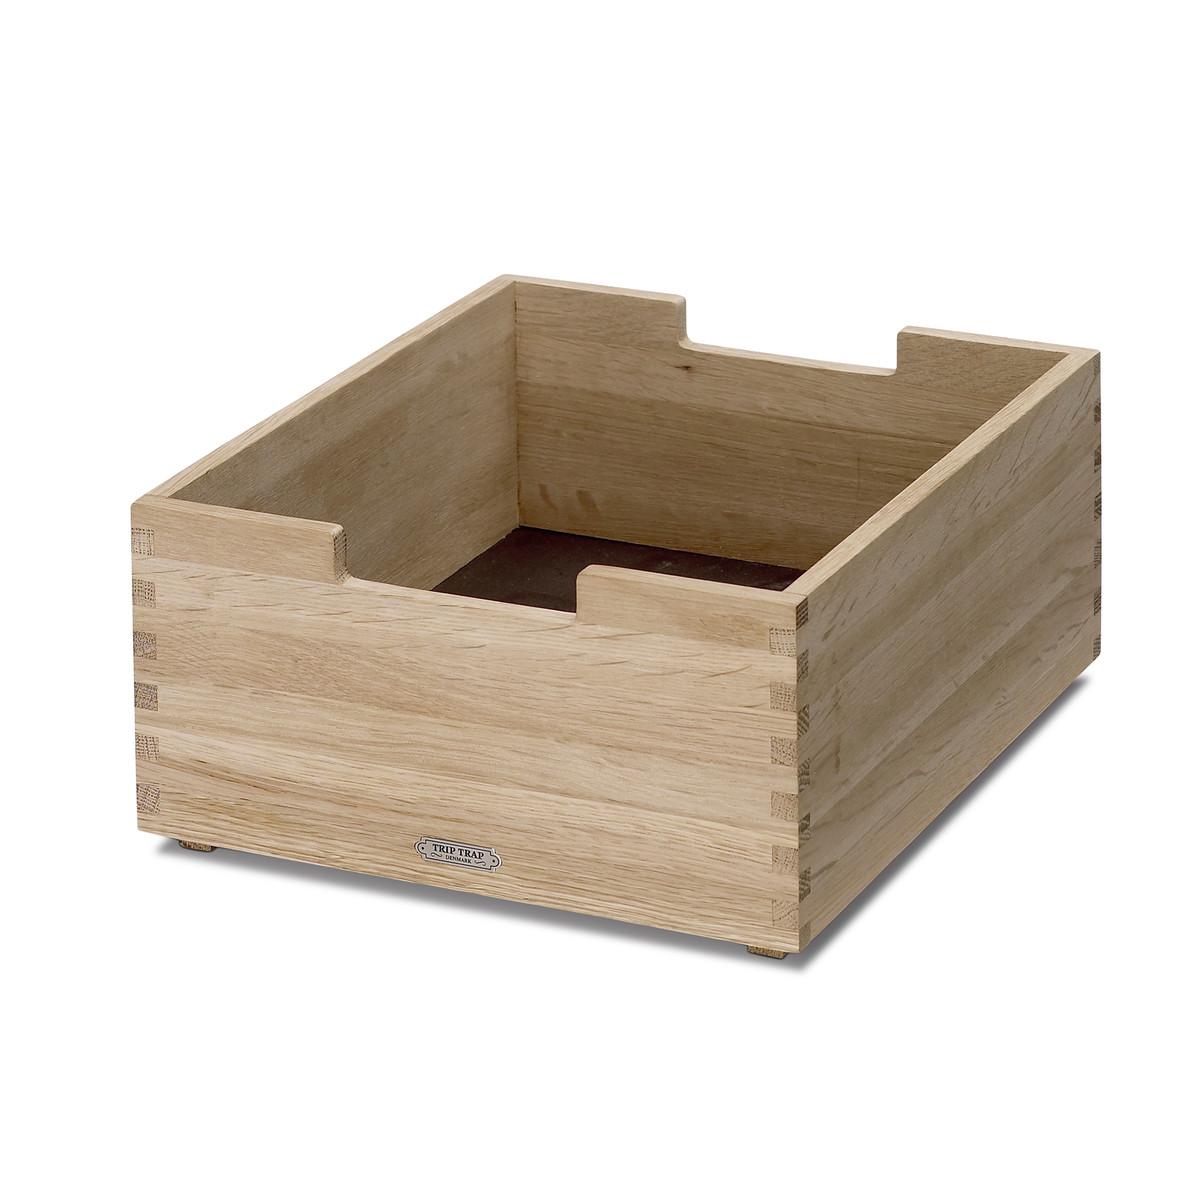 Petite boîte en chêne 30x26